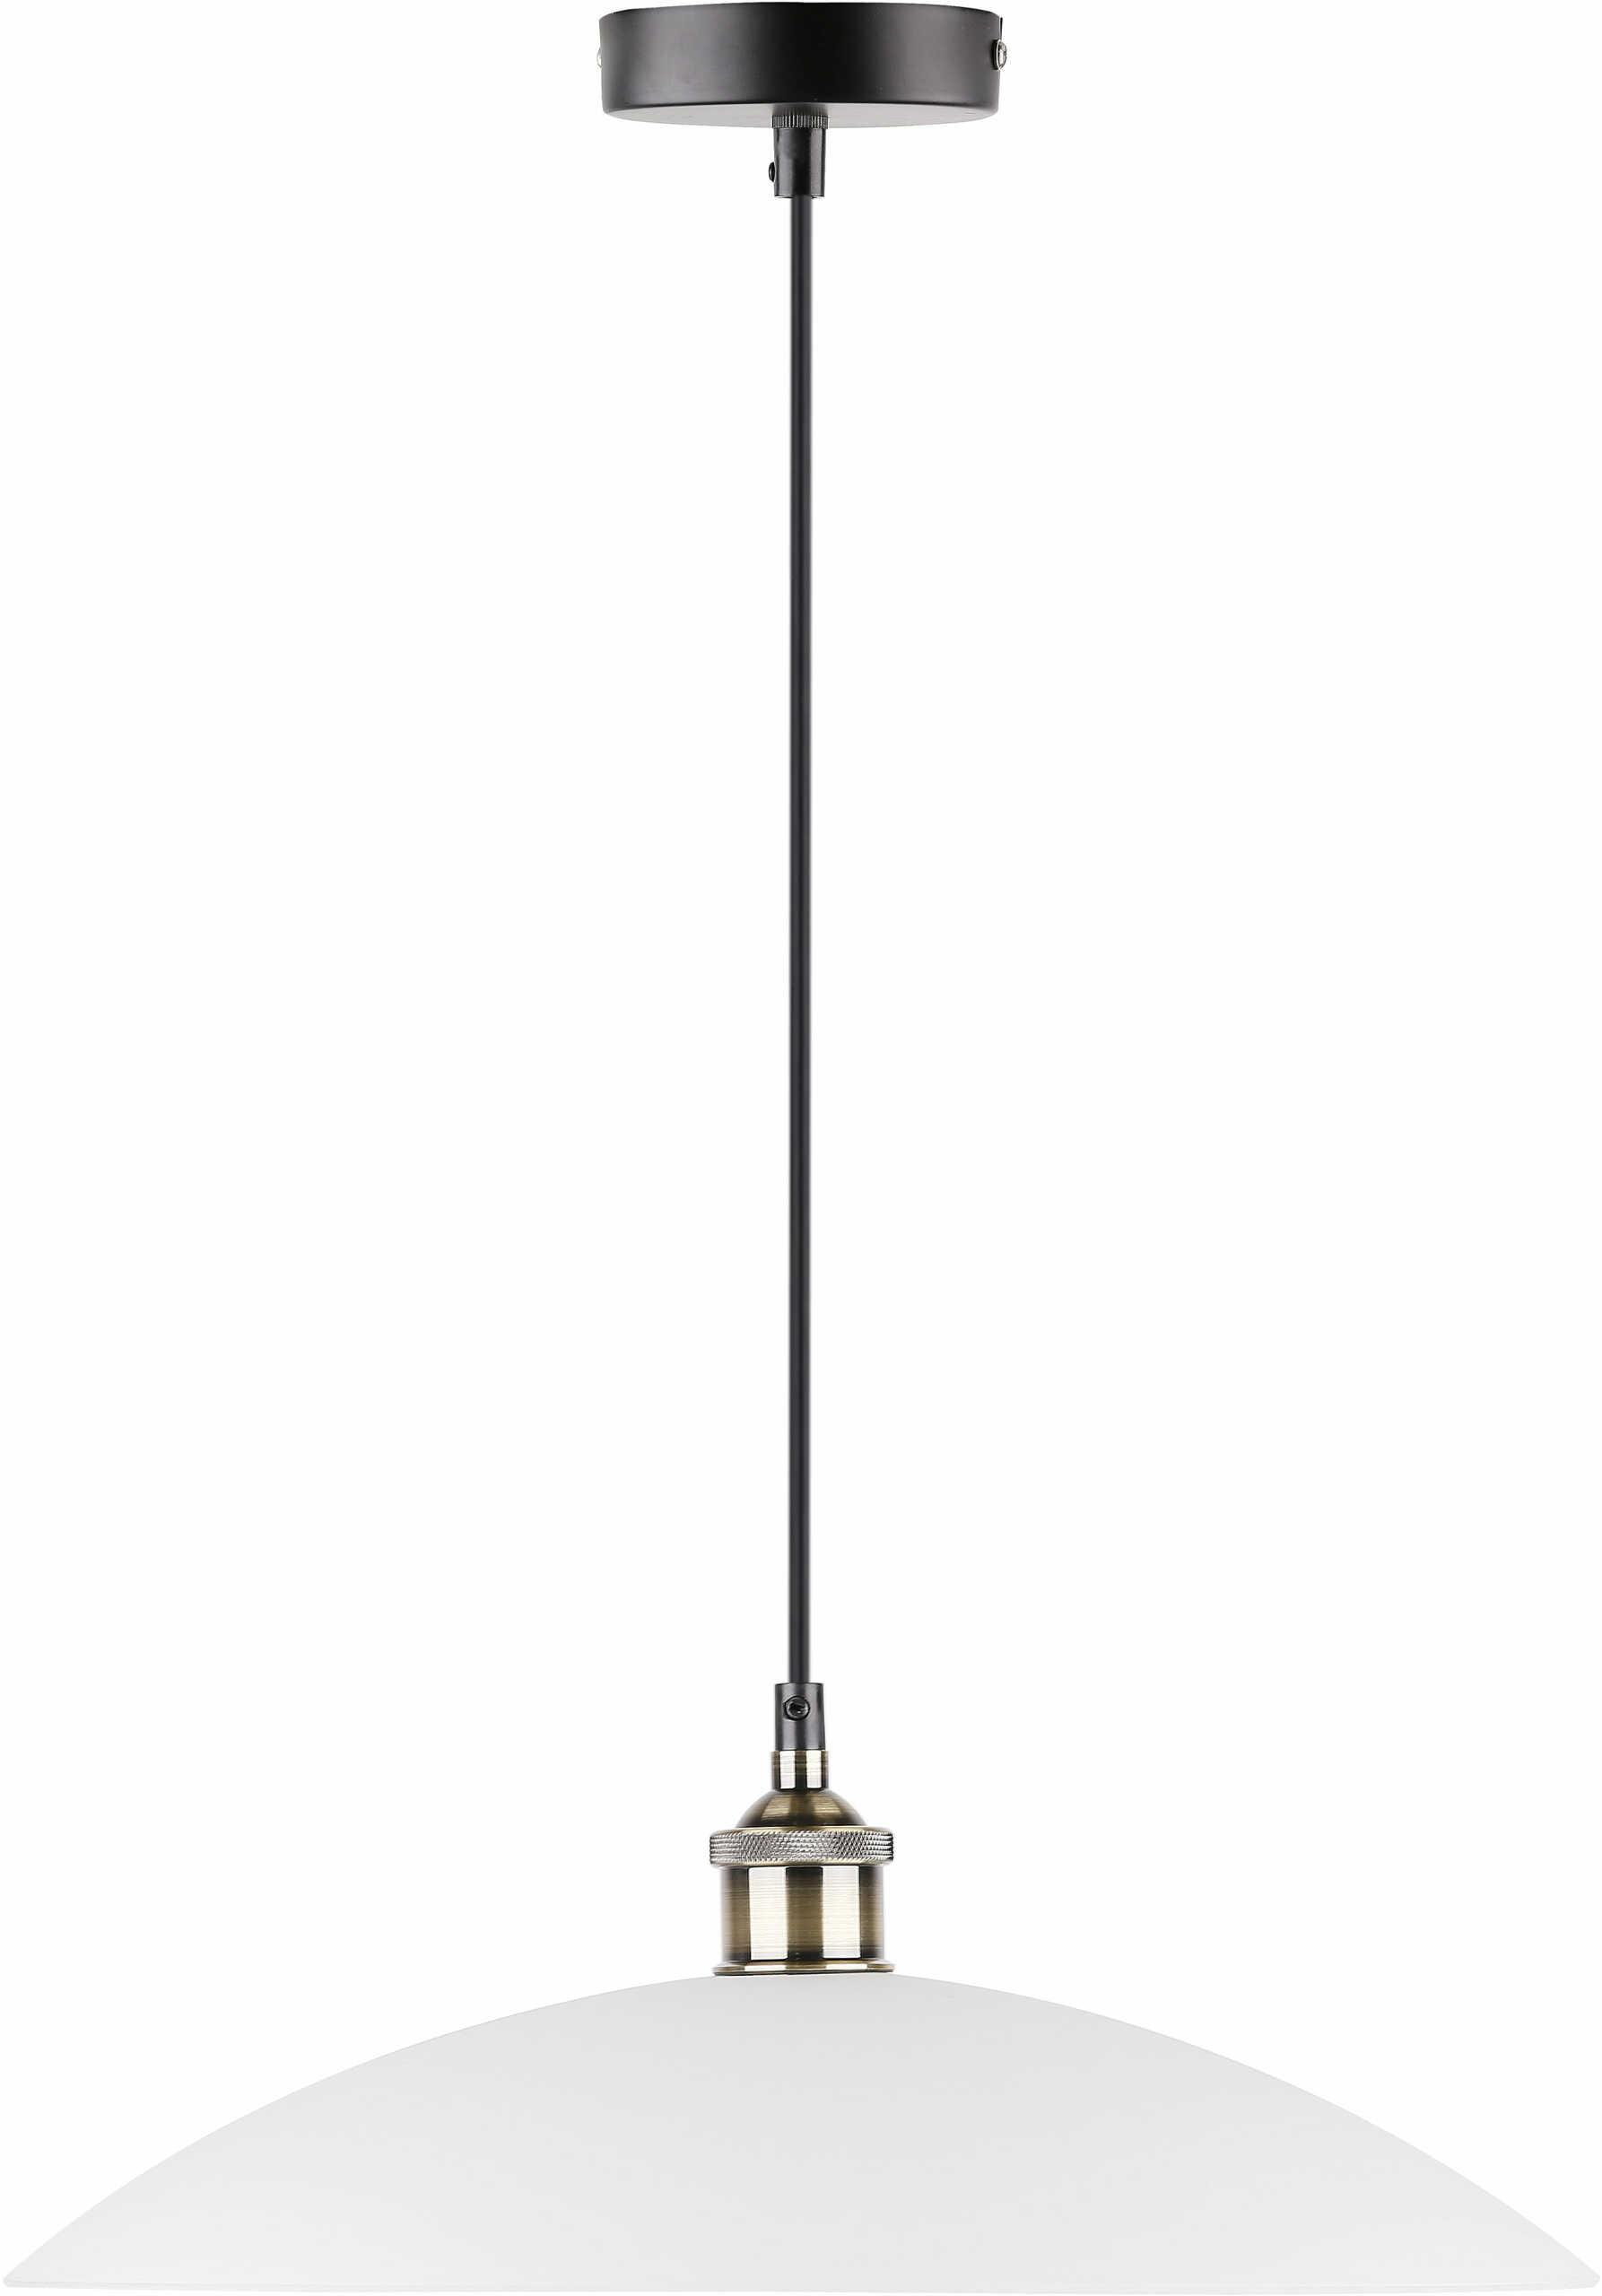 Candellux DEXTER 31-77721 lampa wisząca biały klosz szkło 1X60W E27 40 cm